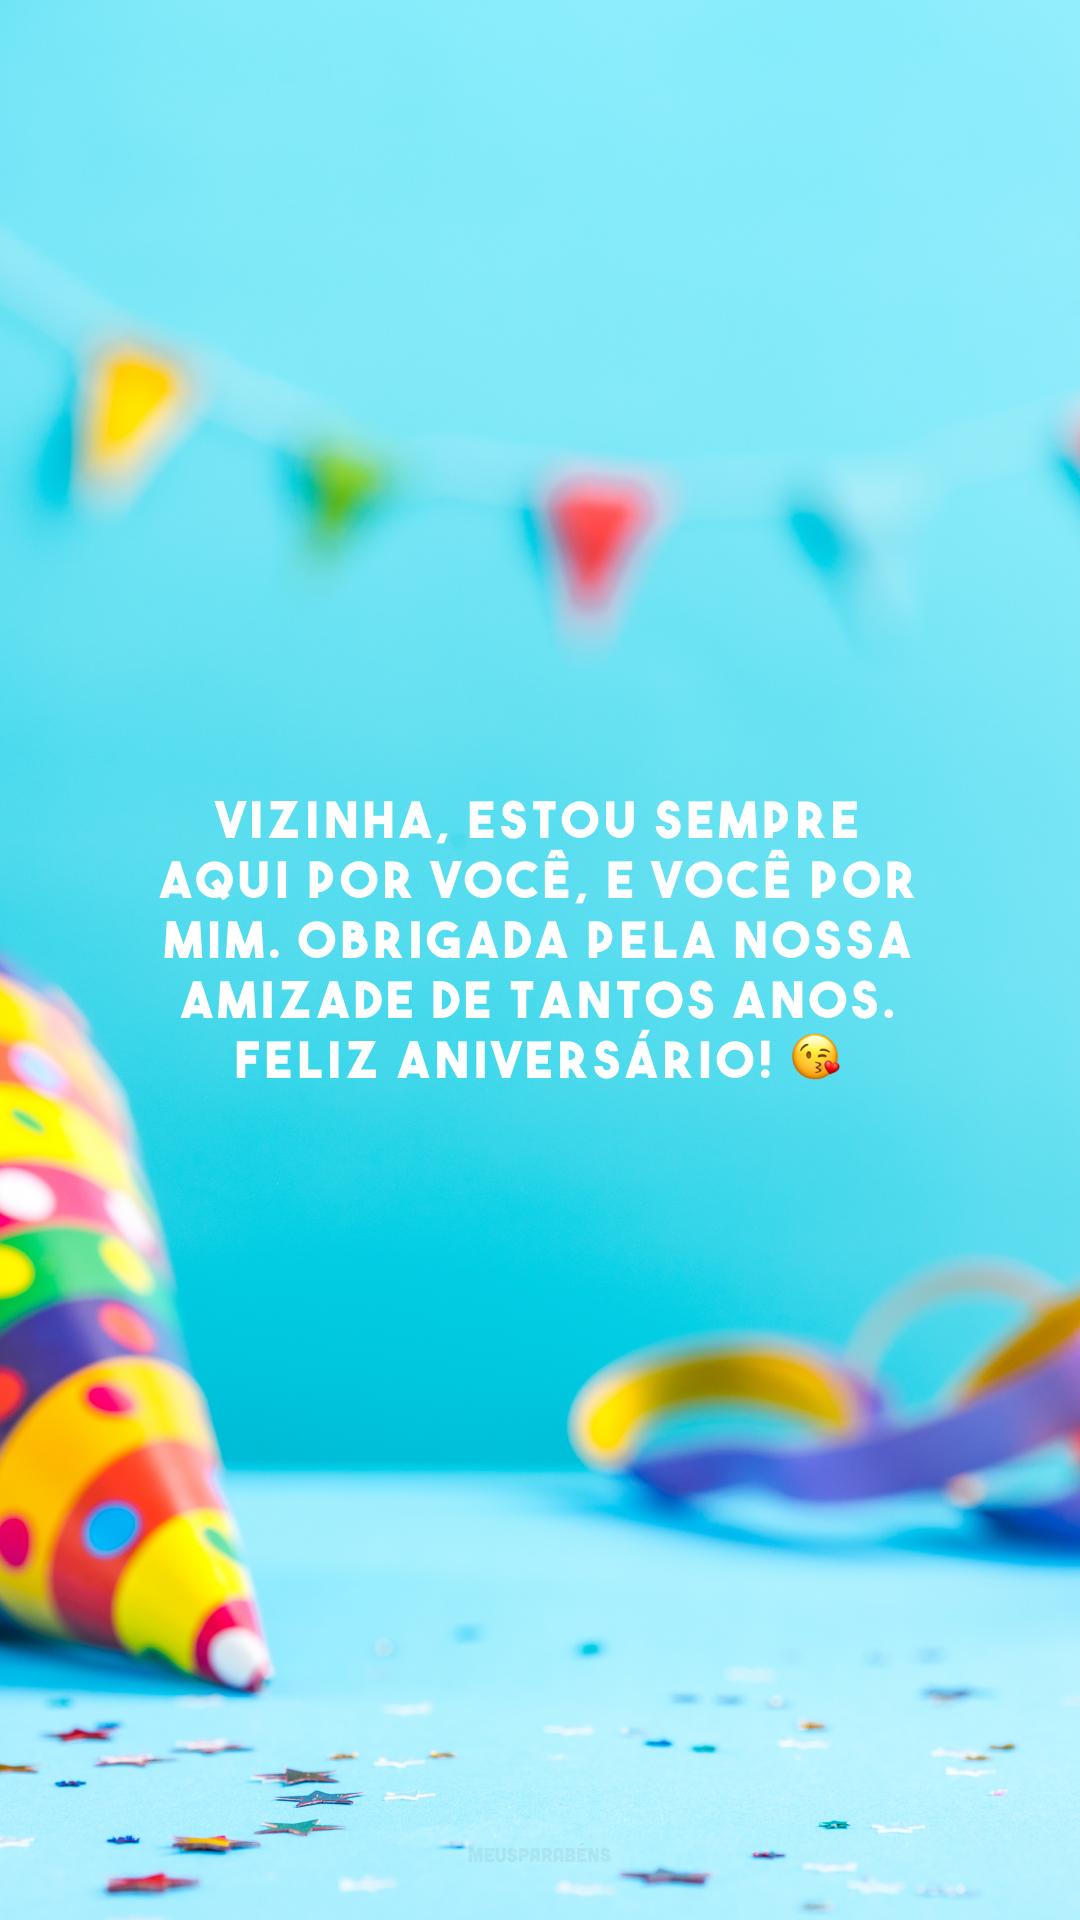 Vizinha, estou sempre aqui por você, e você por mim. Obrigada pela nossa amizade de tantos anos. Feliz aniversário! 😘